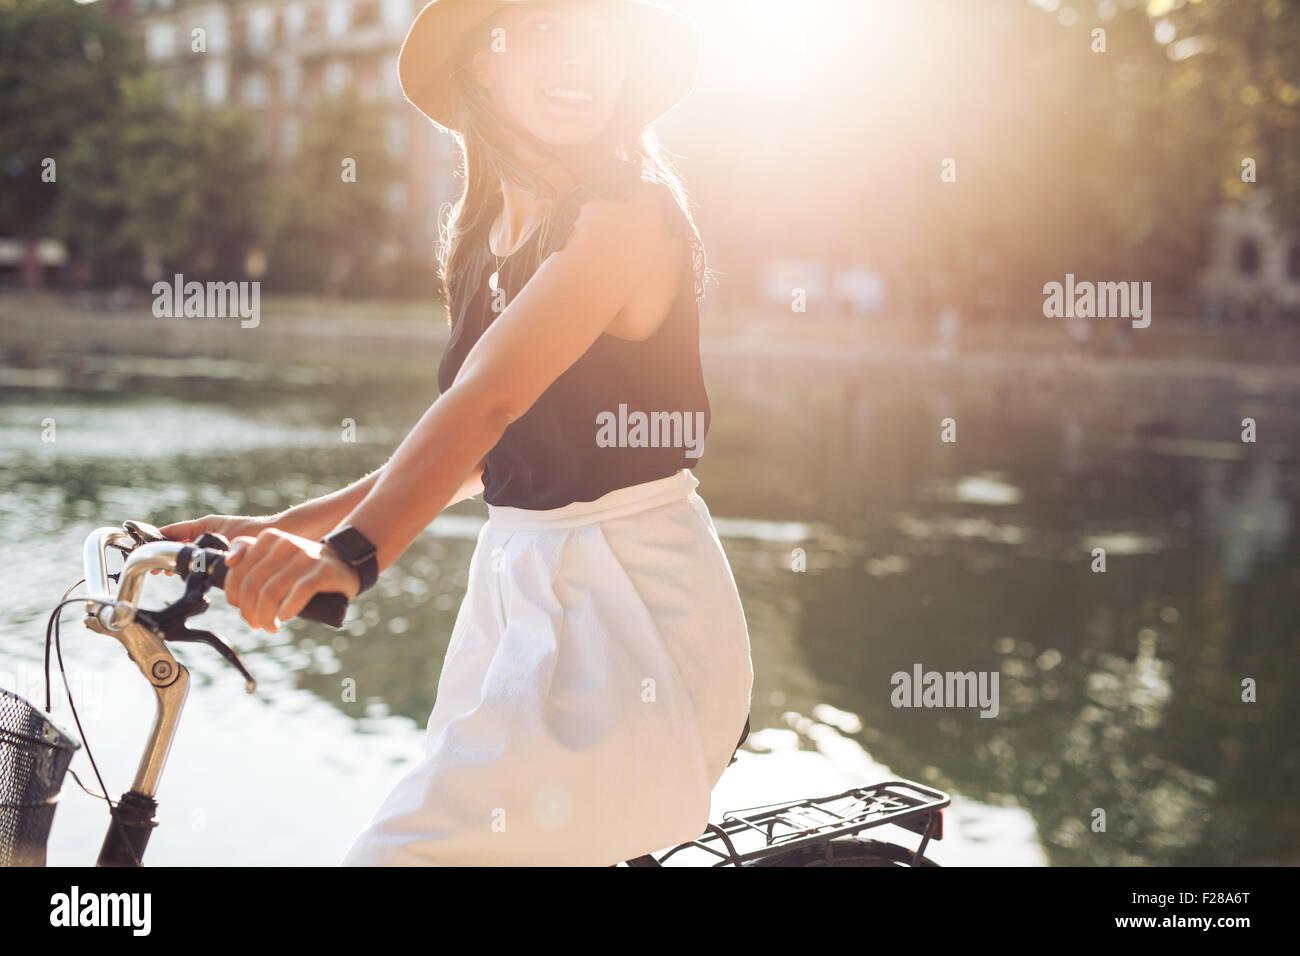 Portrait de jeune femme sur son vélo à la recherche de là, souriant avec sun flare. Femme à vélo sur une journée Banque D'Images